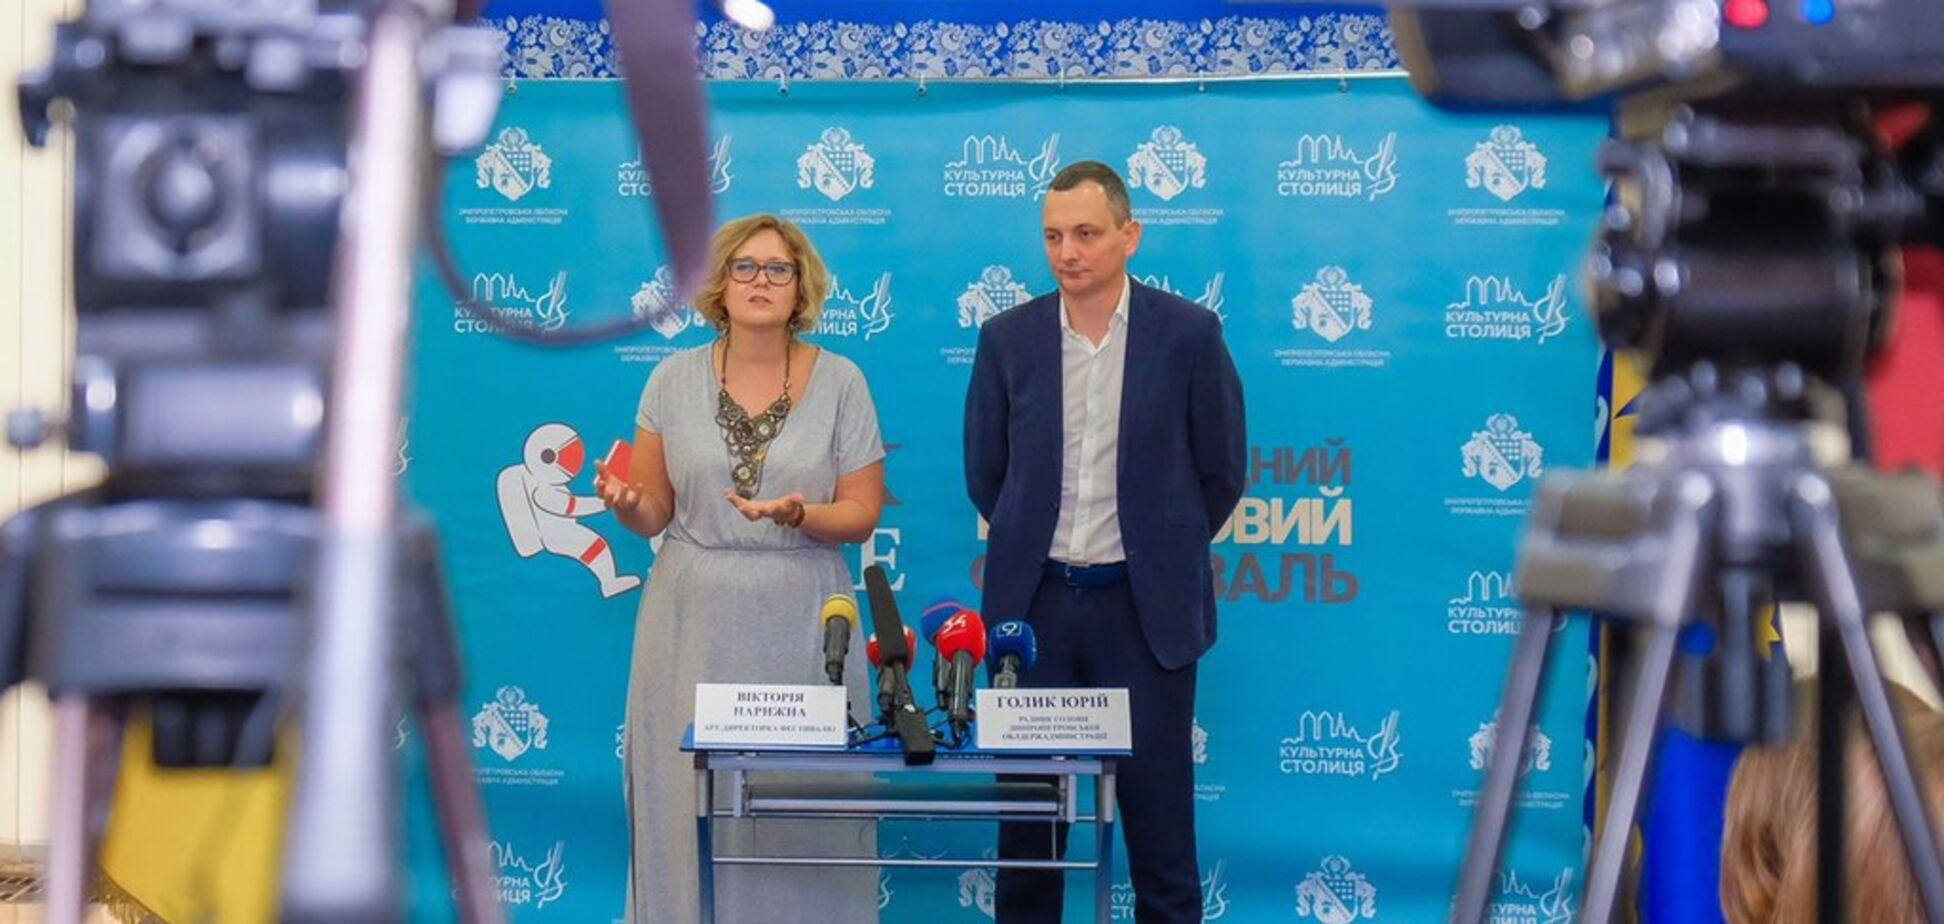 Юрій Голик: у Дніпрі відбудеться наймасштабніший книжковий фестиваль Book Space